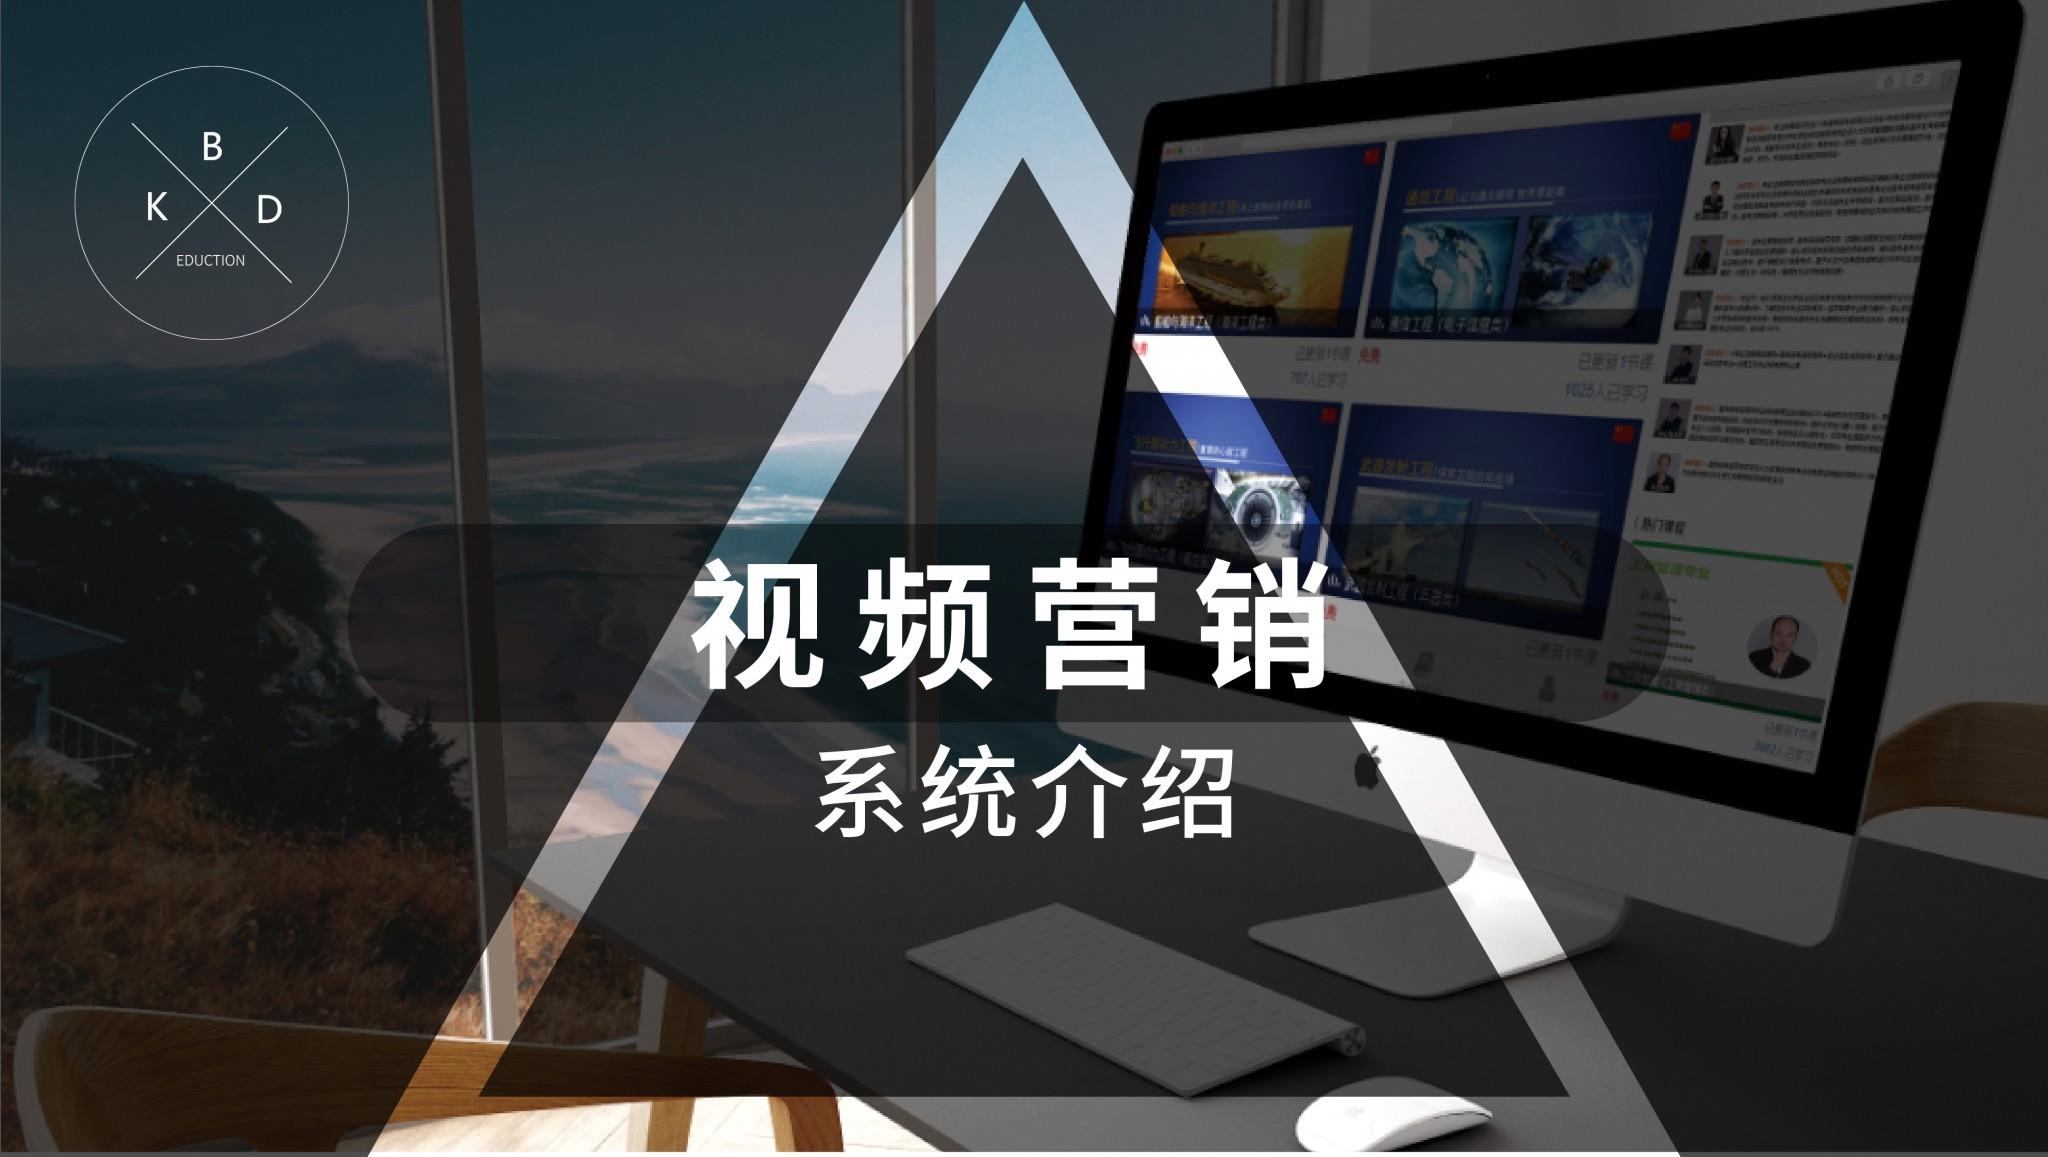 视频营销系统介绍-01